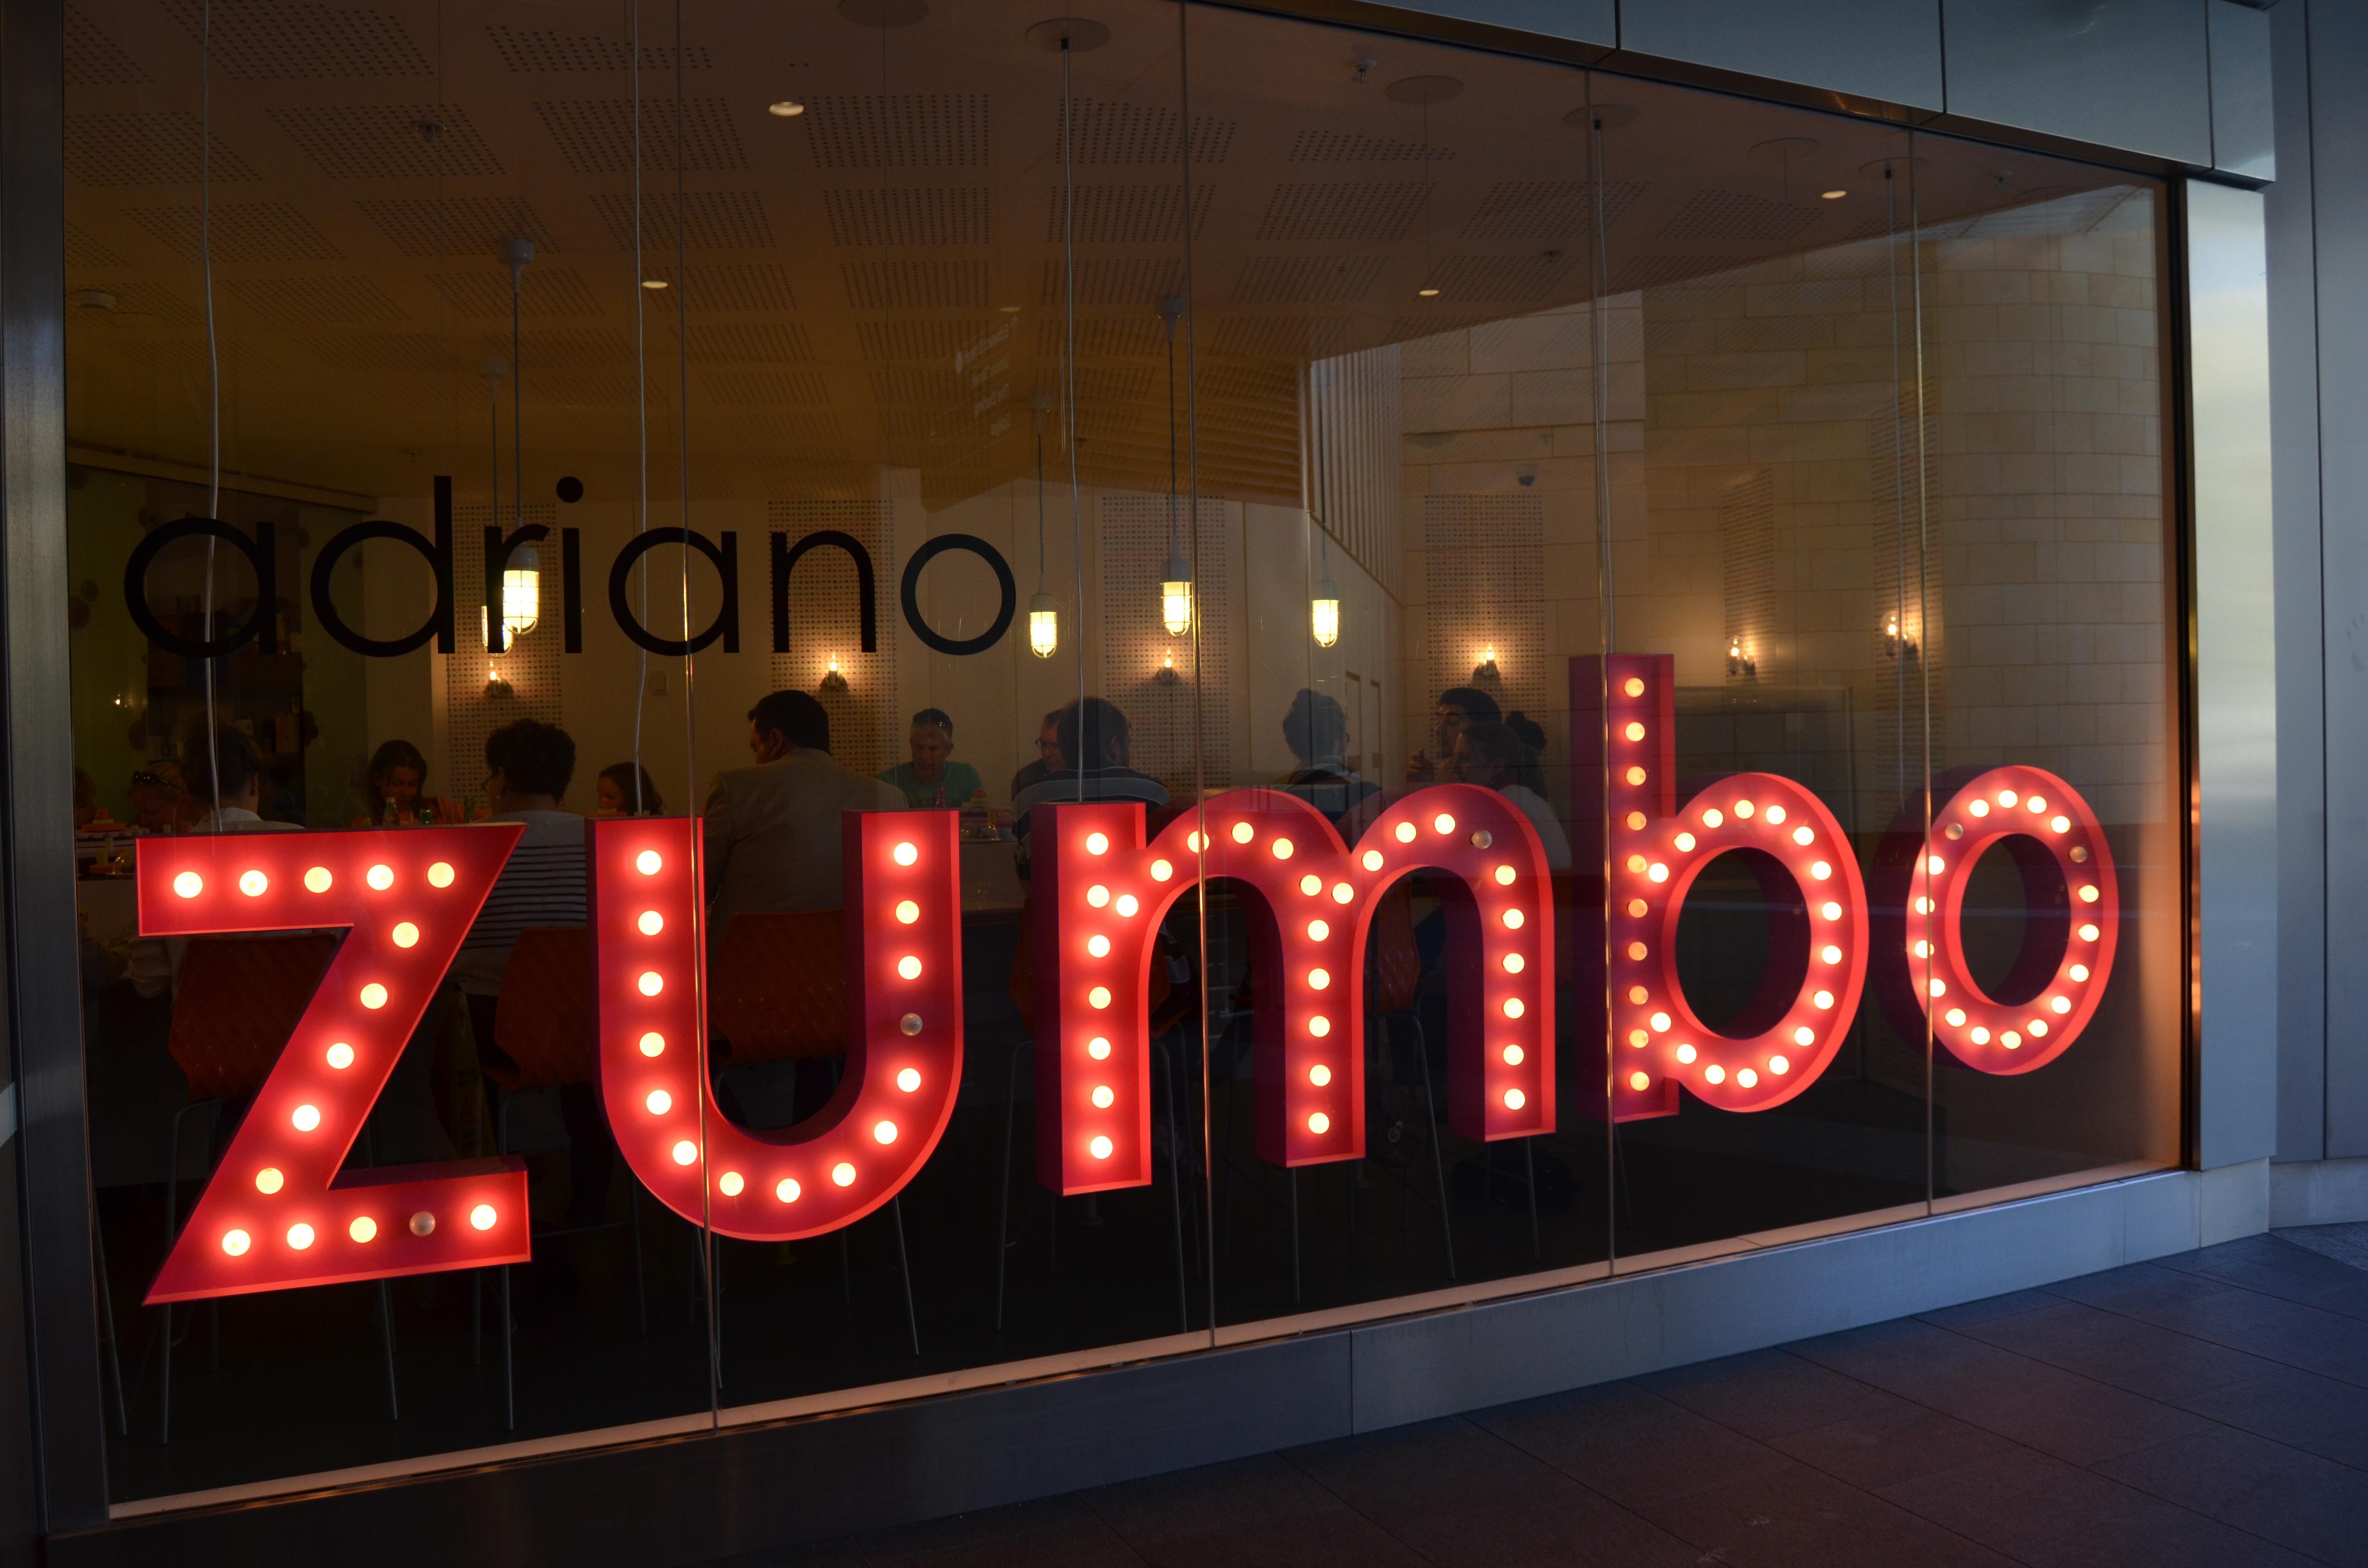 Adriano Zumbo at The Star